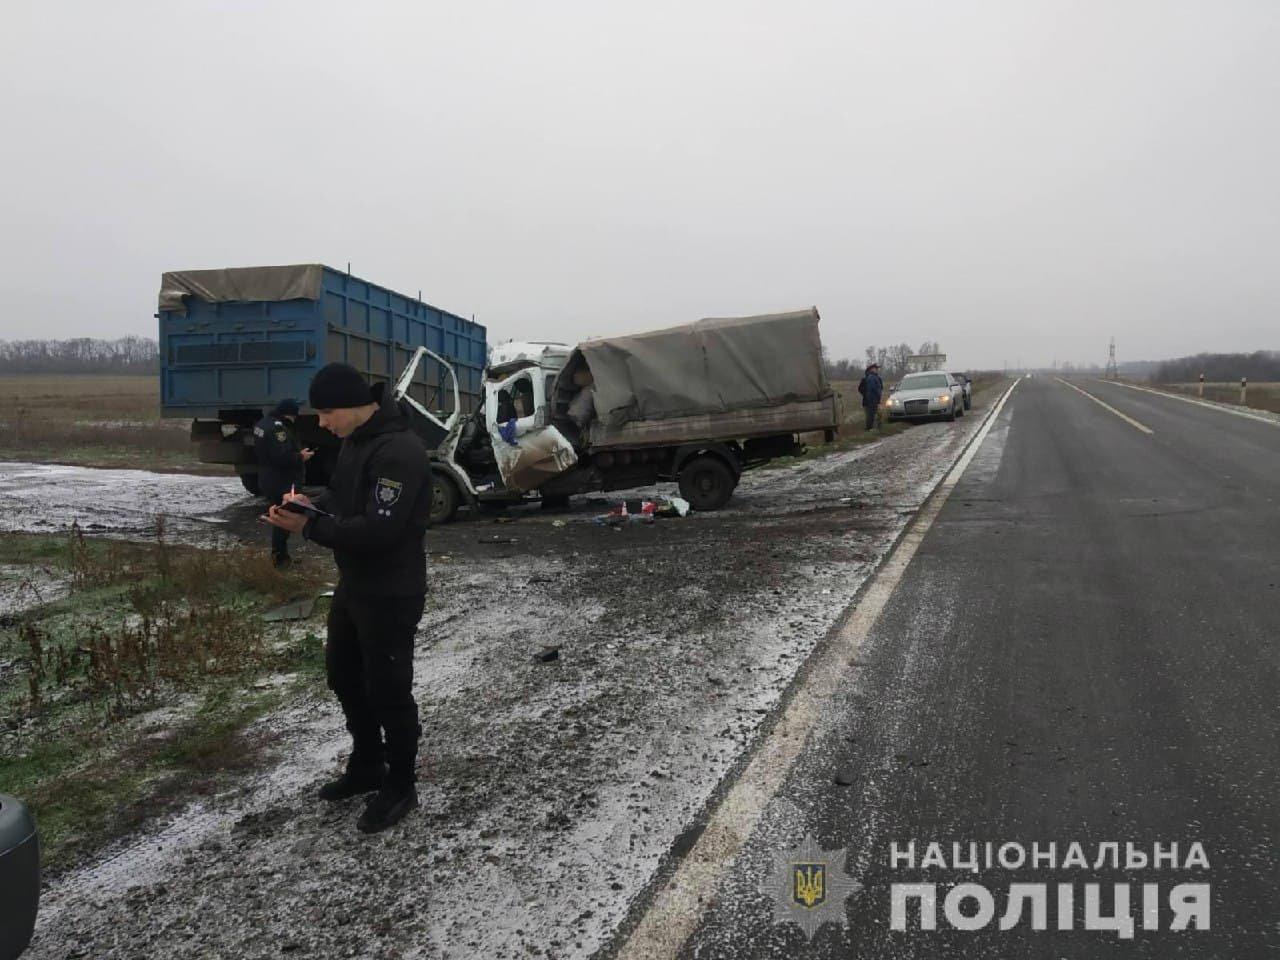 На трассе в Харьковской области столкнулись грузовики: от удара одну из машин смяло, есть пострадавший, - ФОТО, фото-2